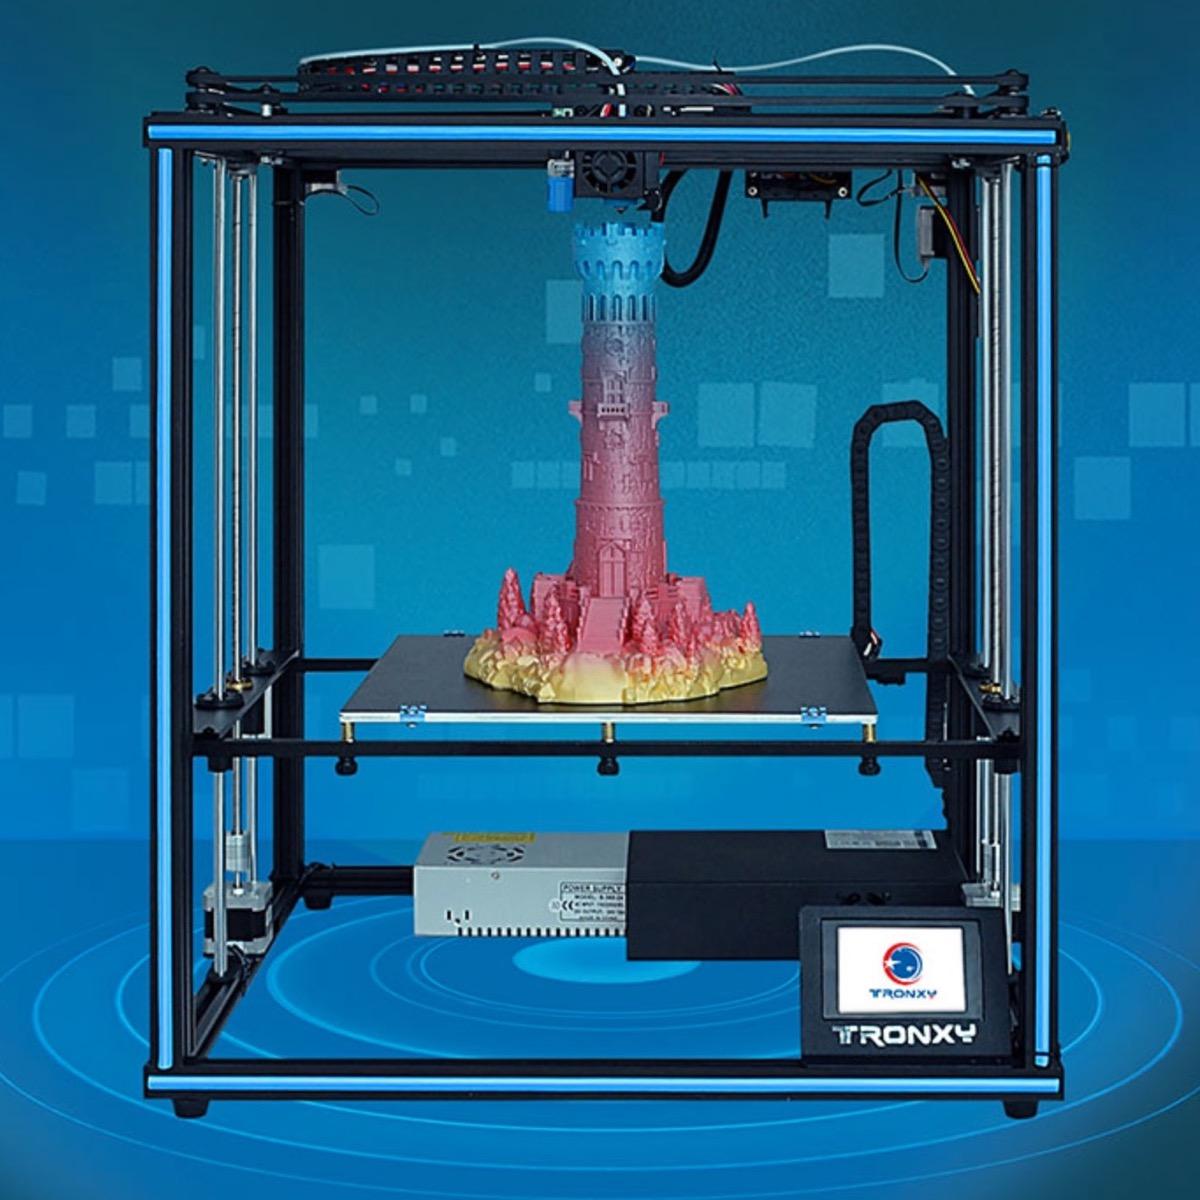 stampante 3d tronxy